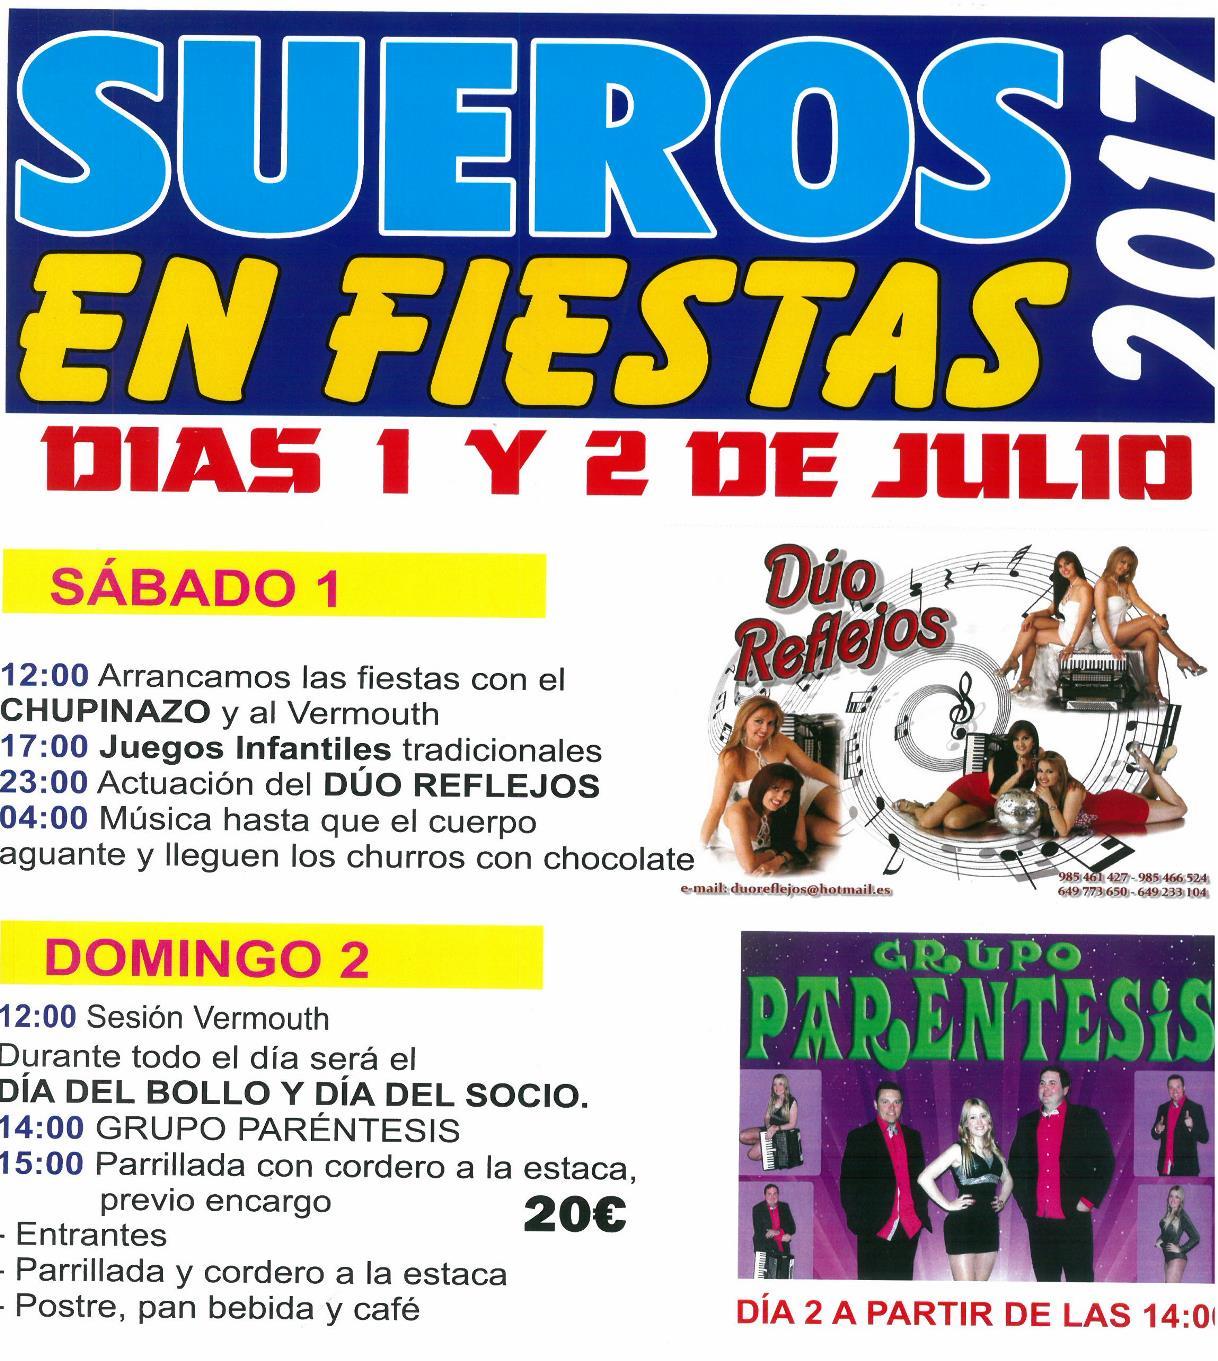 Fiestas Sueros 2017